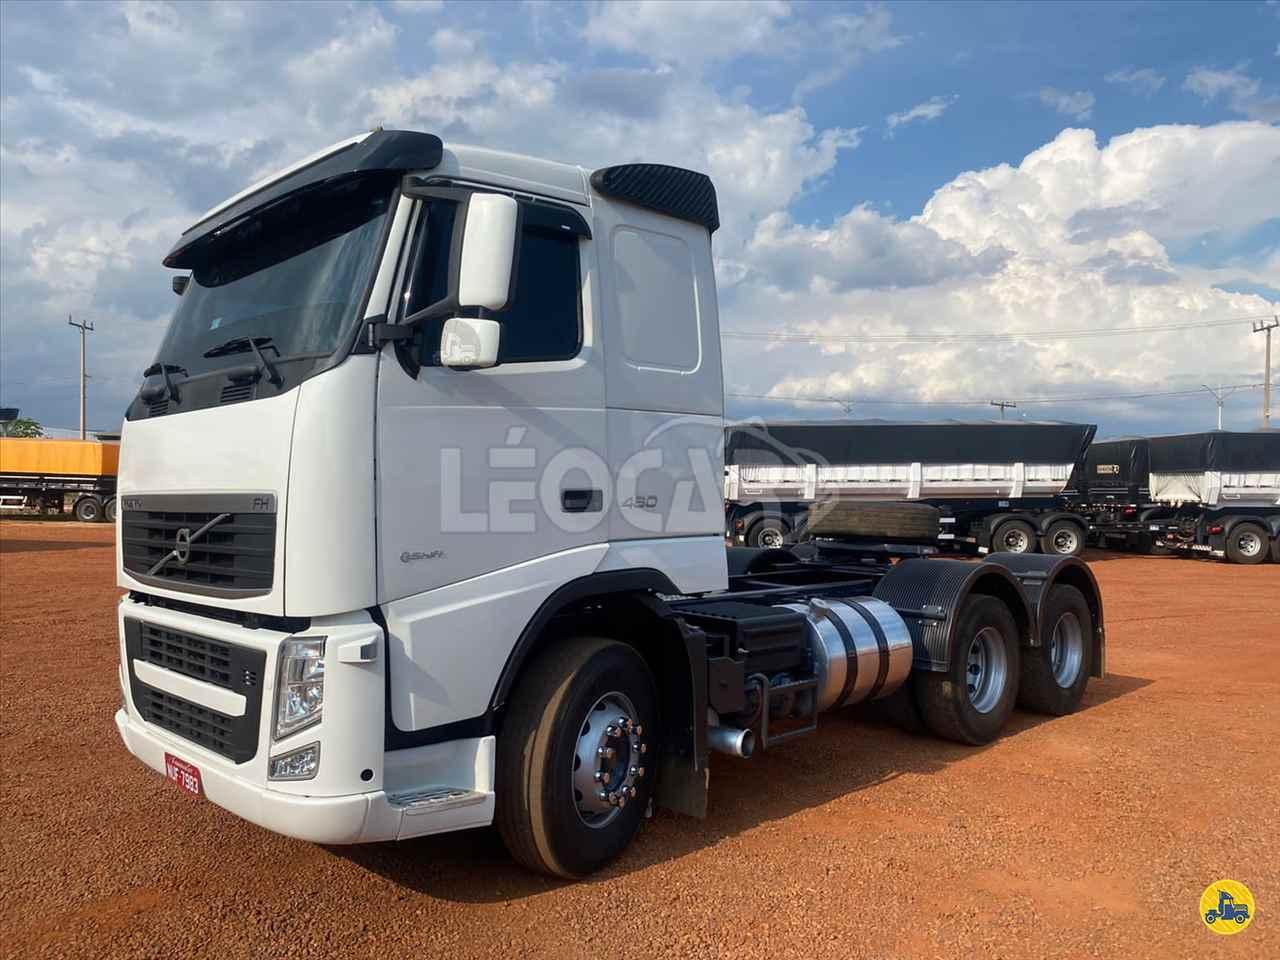 VOLVO FH 460 de Leocar Caminhões - PRIMAVERA DO LESTE/MT